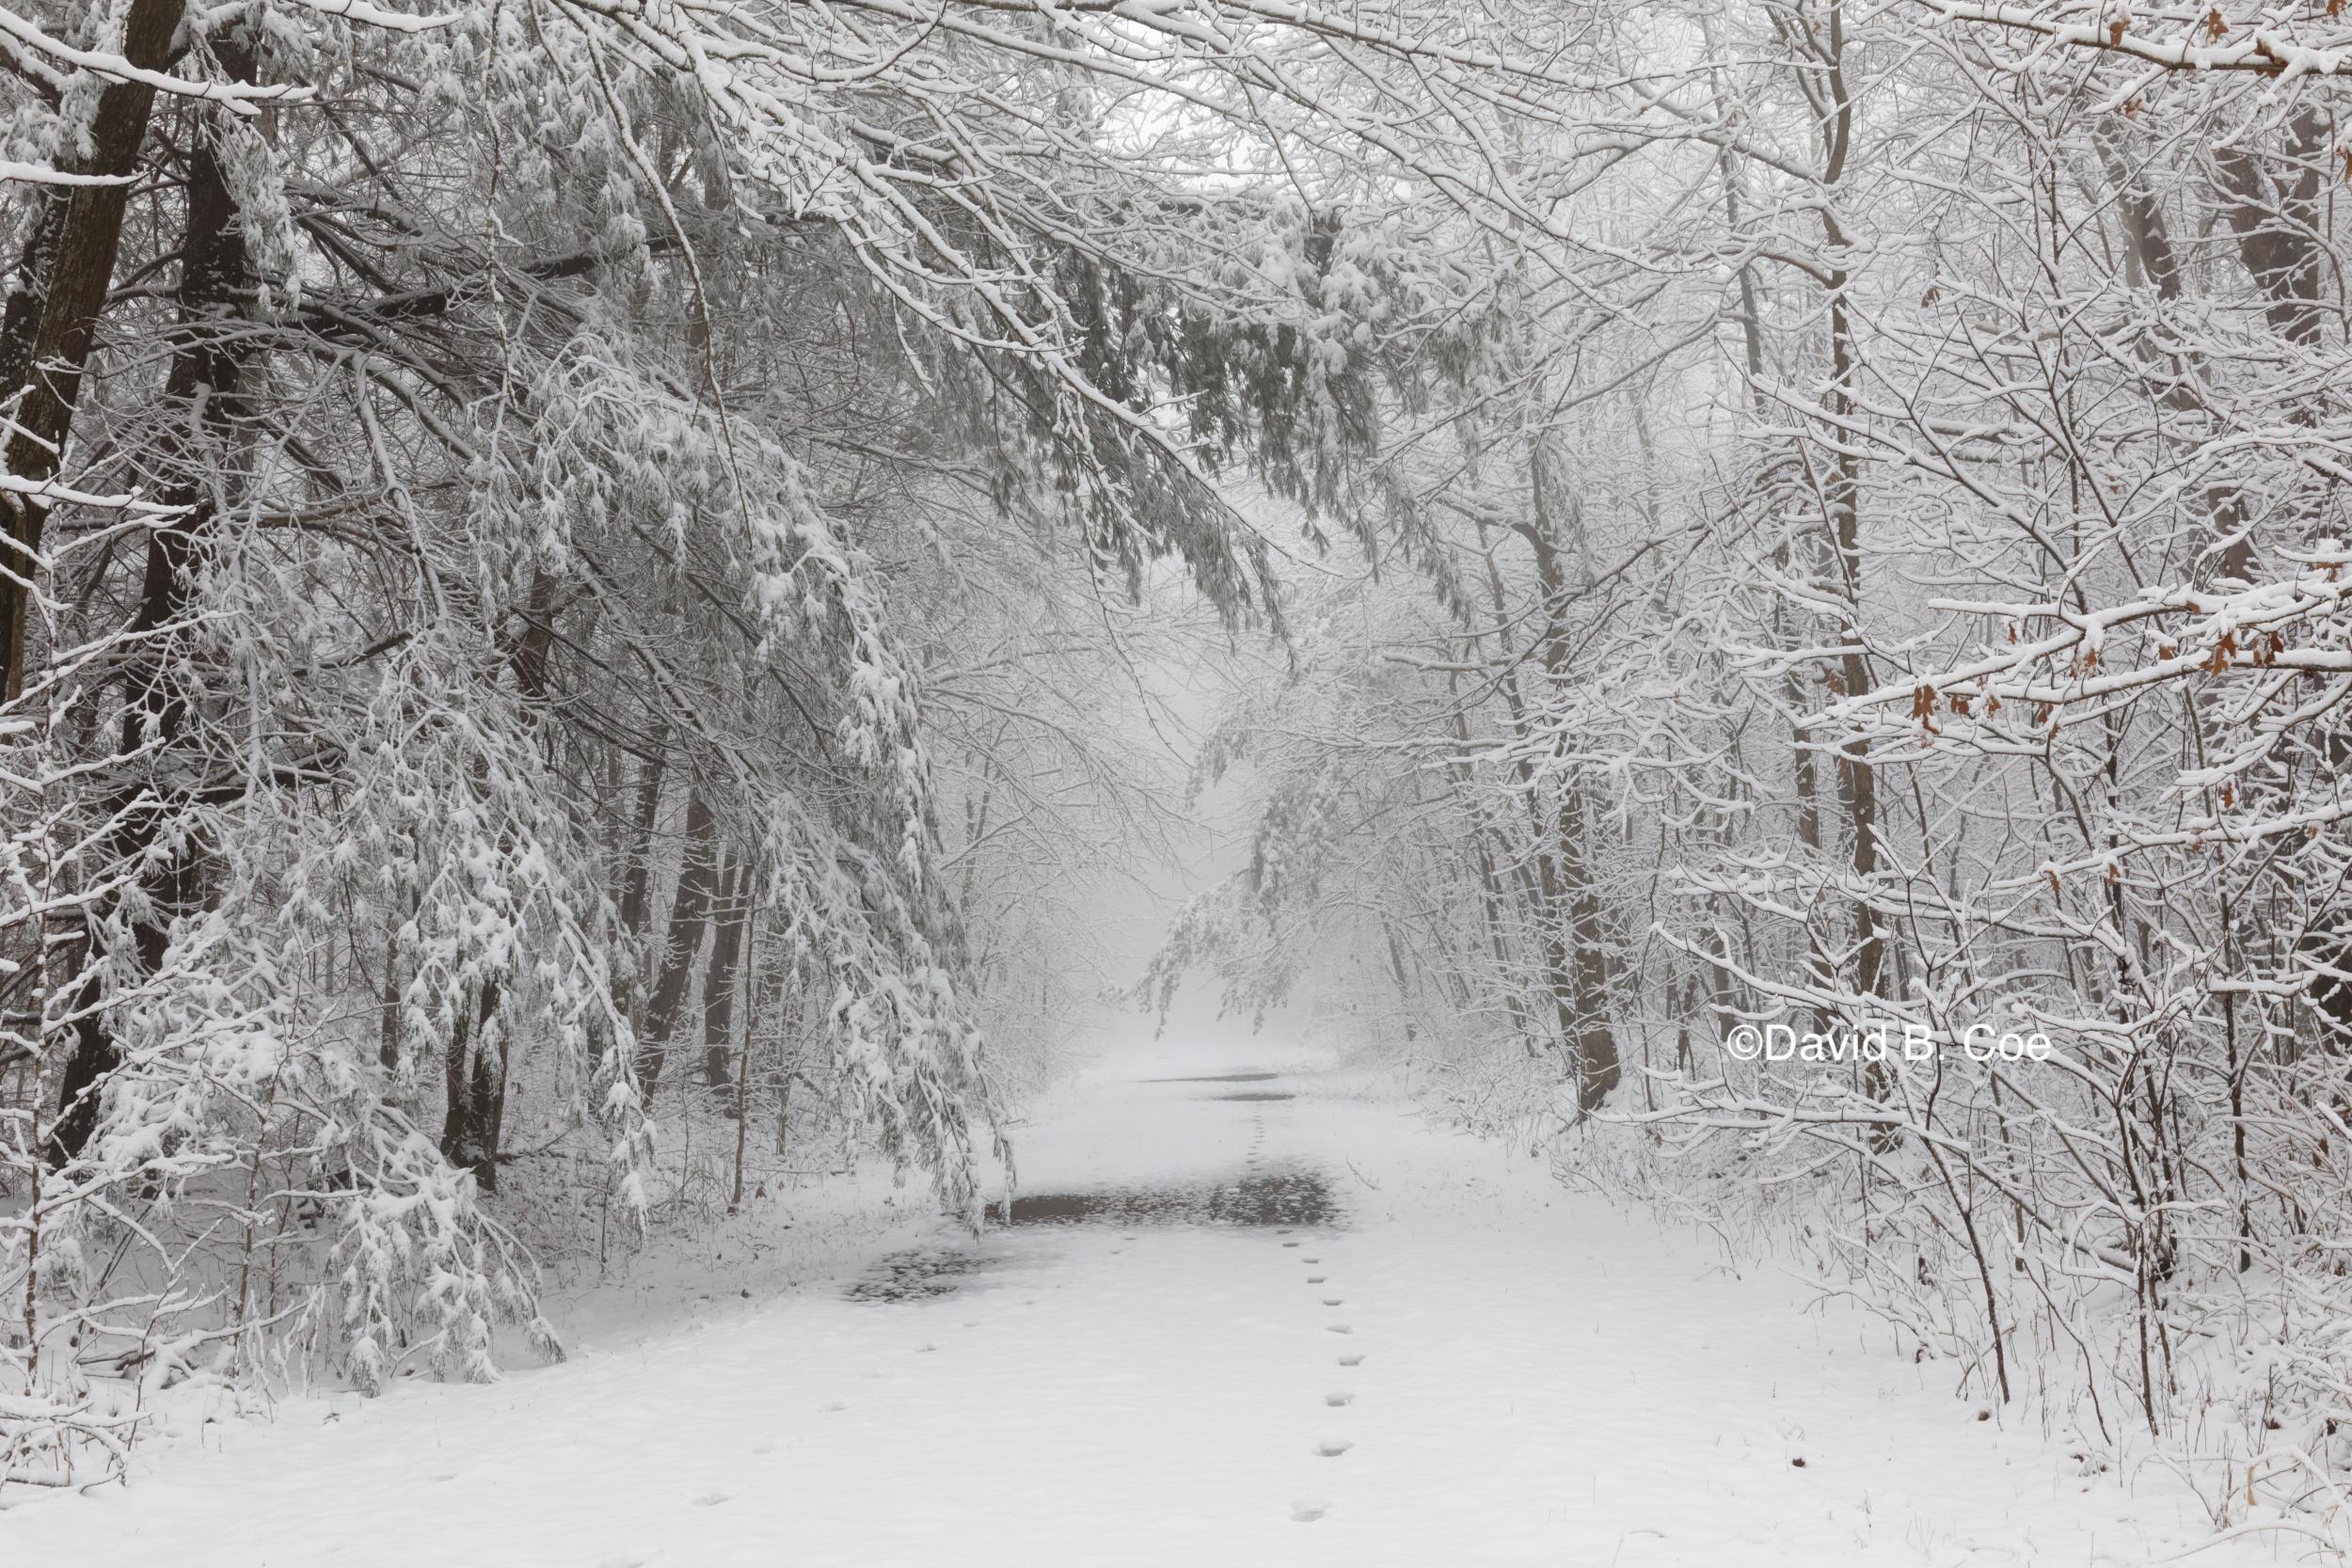 Trail Snowfall II, by David B. Coe